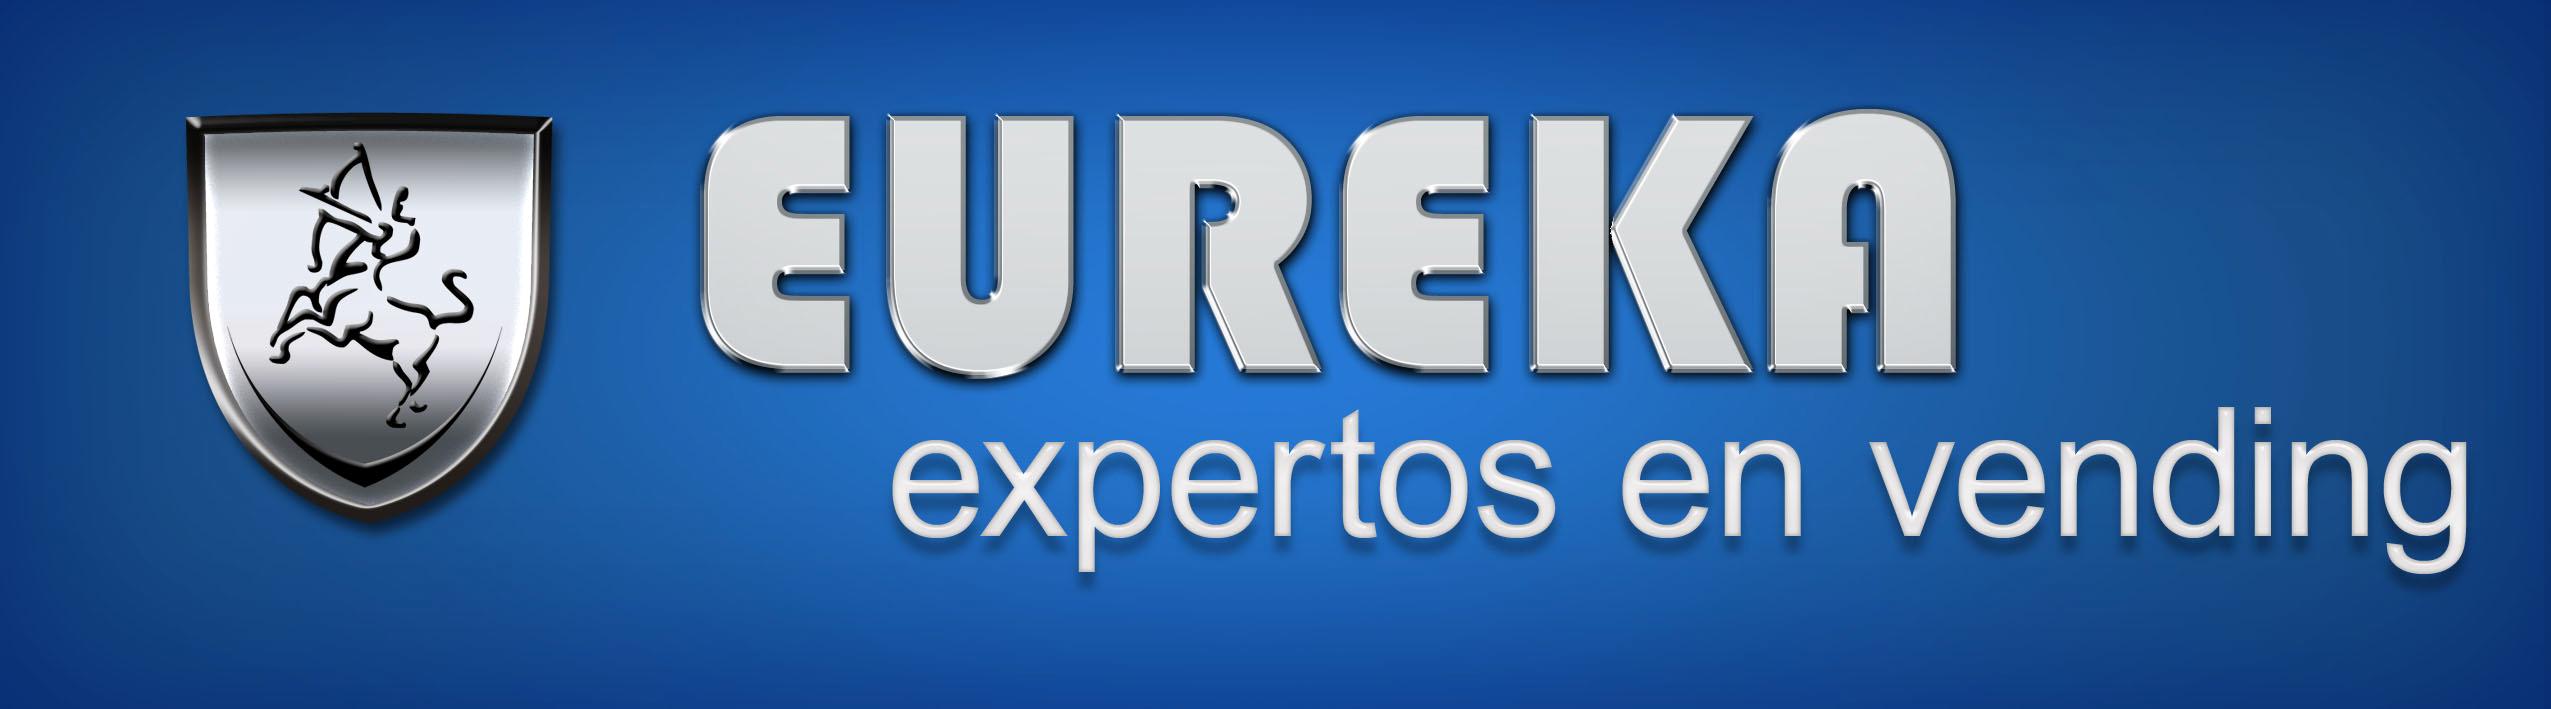 www. vending-eureka . com